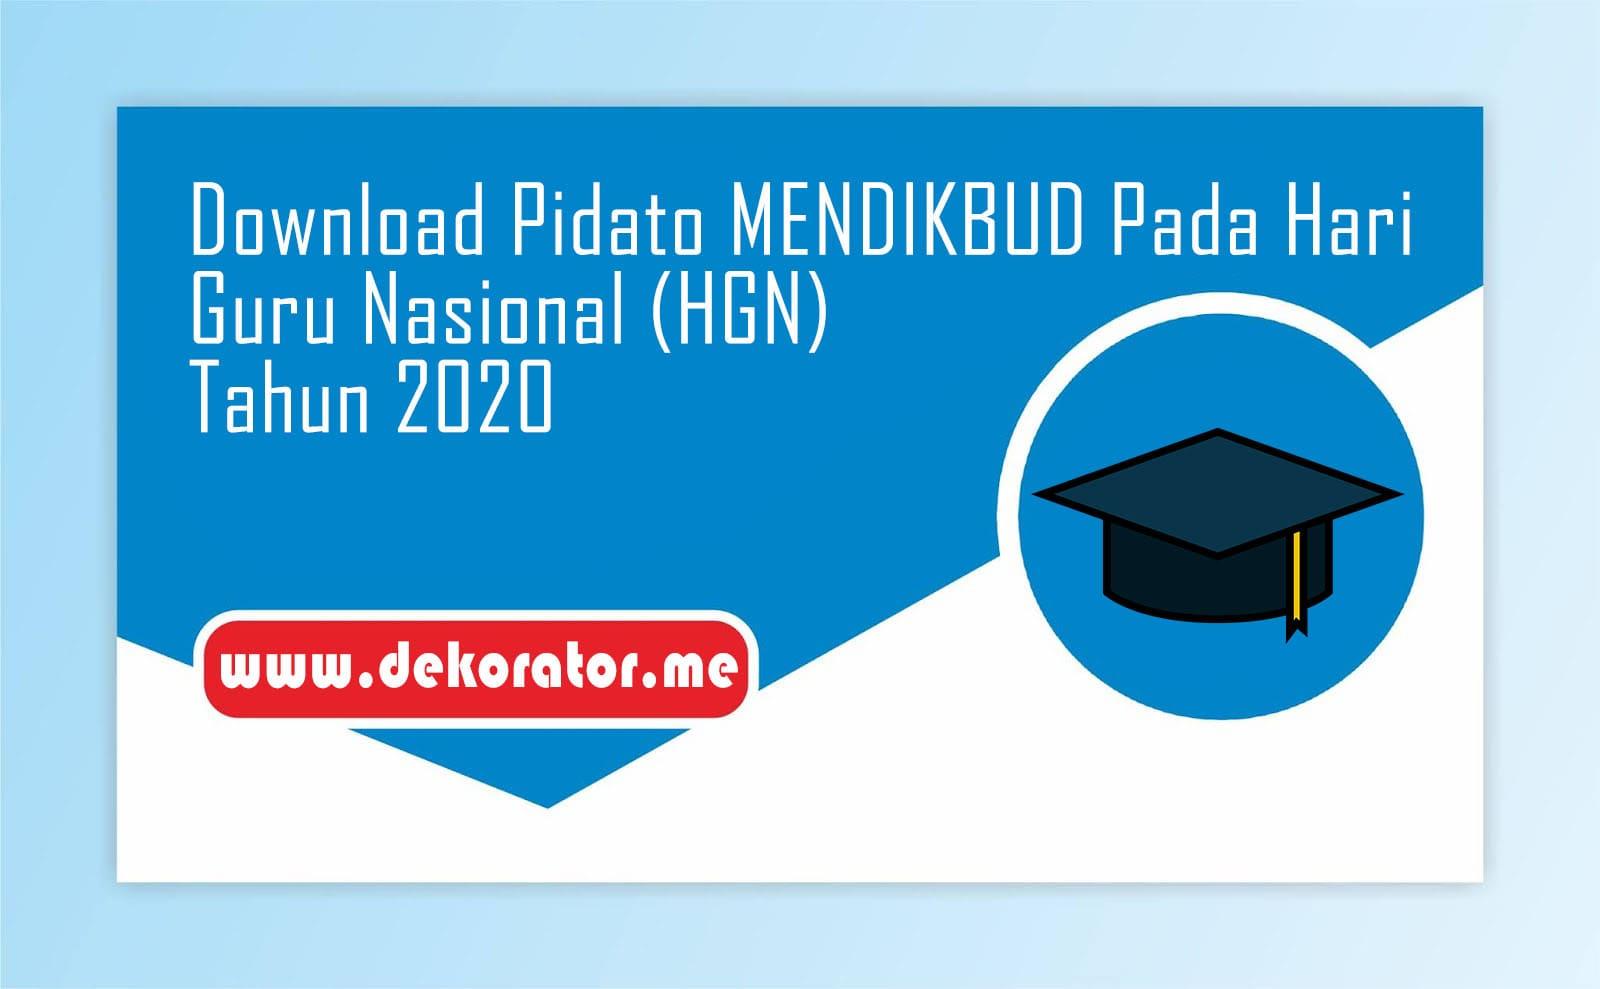 Download Pidato MENDIKBUD Pada Hari Guru Nasional (HGN) Tahun 2020